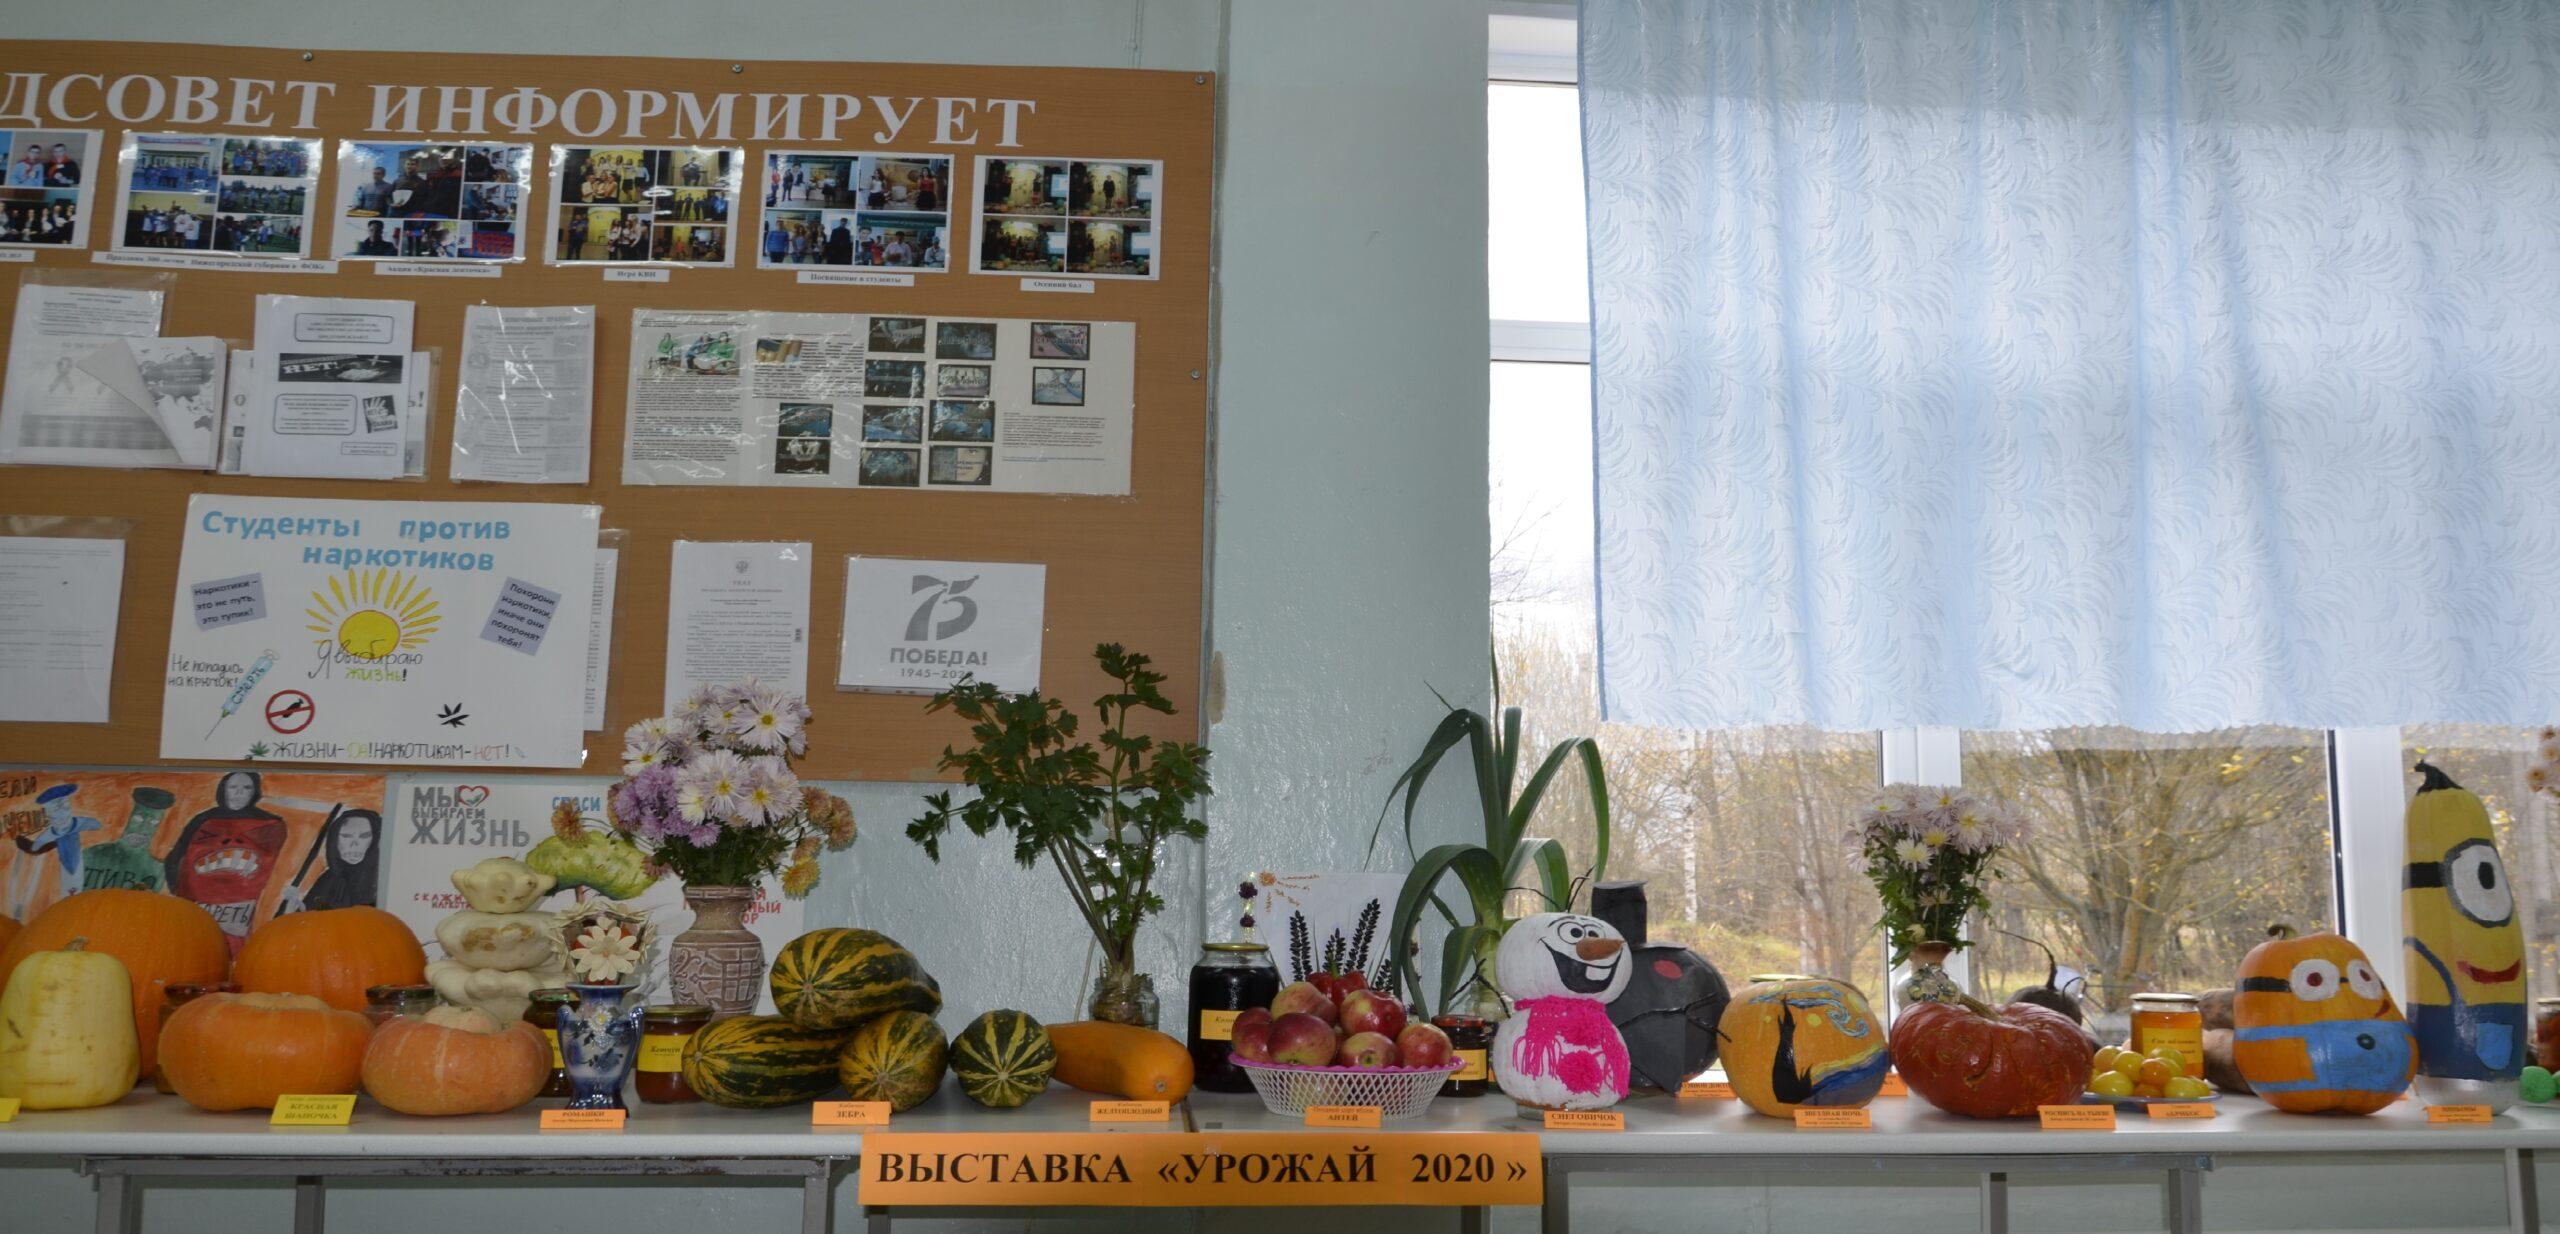 Выставка сельскохозяйственной продукции «Урожай 2020»